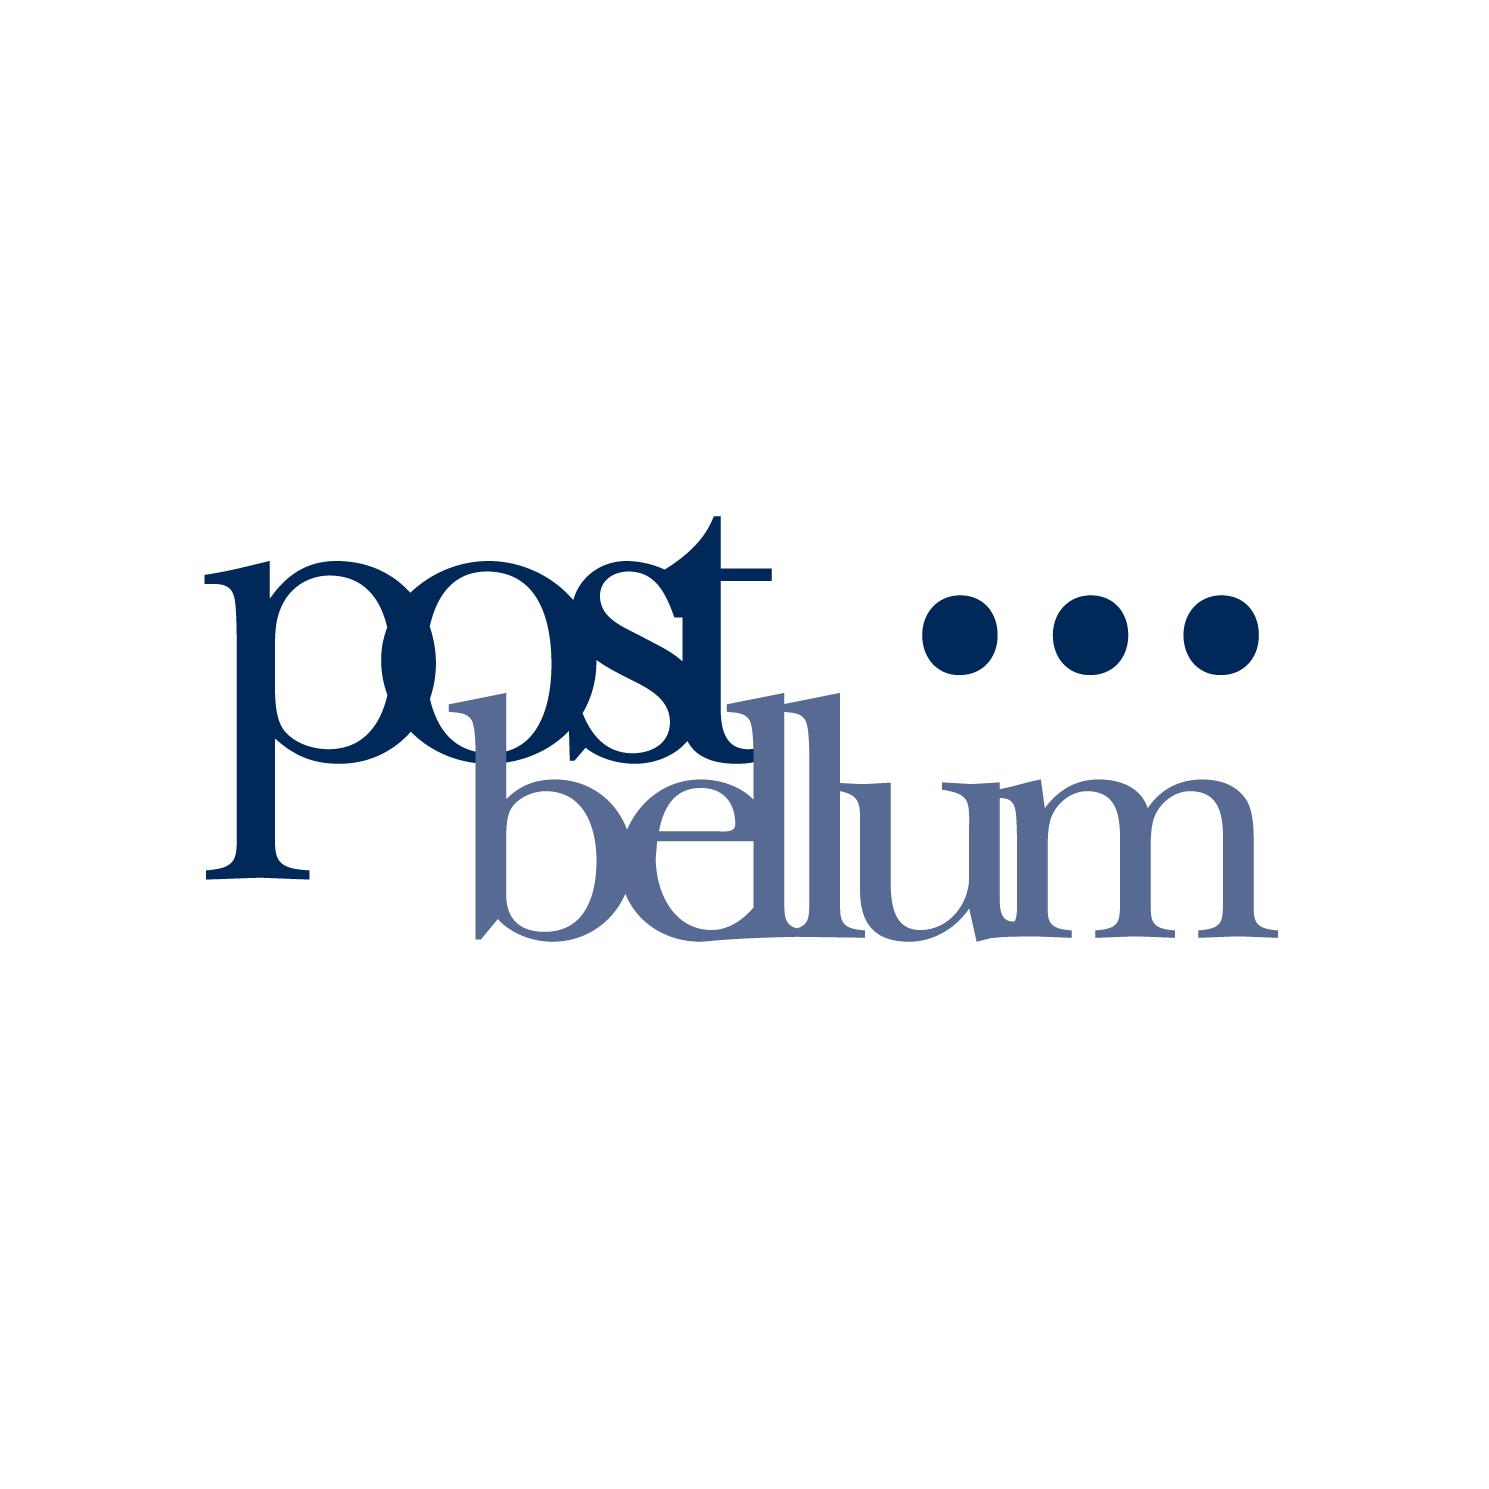 Post Bellum-ის ტრენინგი IDFI-ის წარმომადგენლებისა და არქივების მკვლევრებისთვის